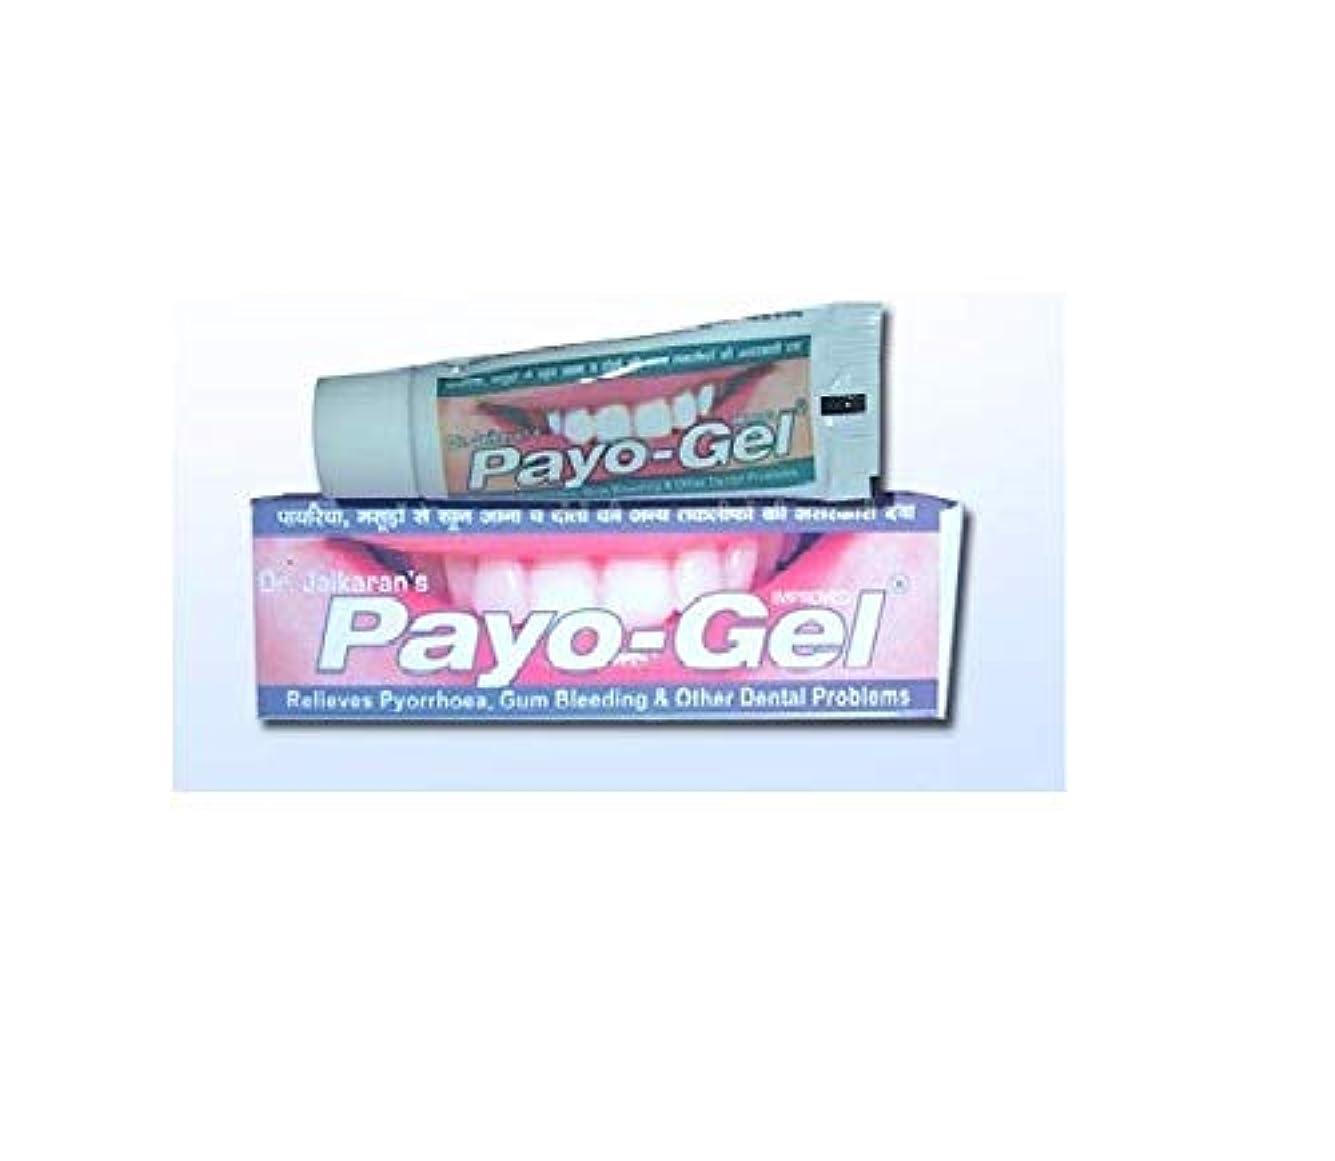 ダウンタウンジャーナル幼児Herbal Payogel 20 grams Made with natural herbs for relief from bleeding gums Pyorrhea, ハーブ 歯茎の出血を防ぐための天然ハーブで作...